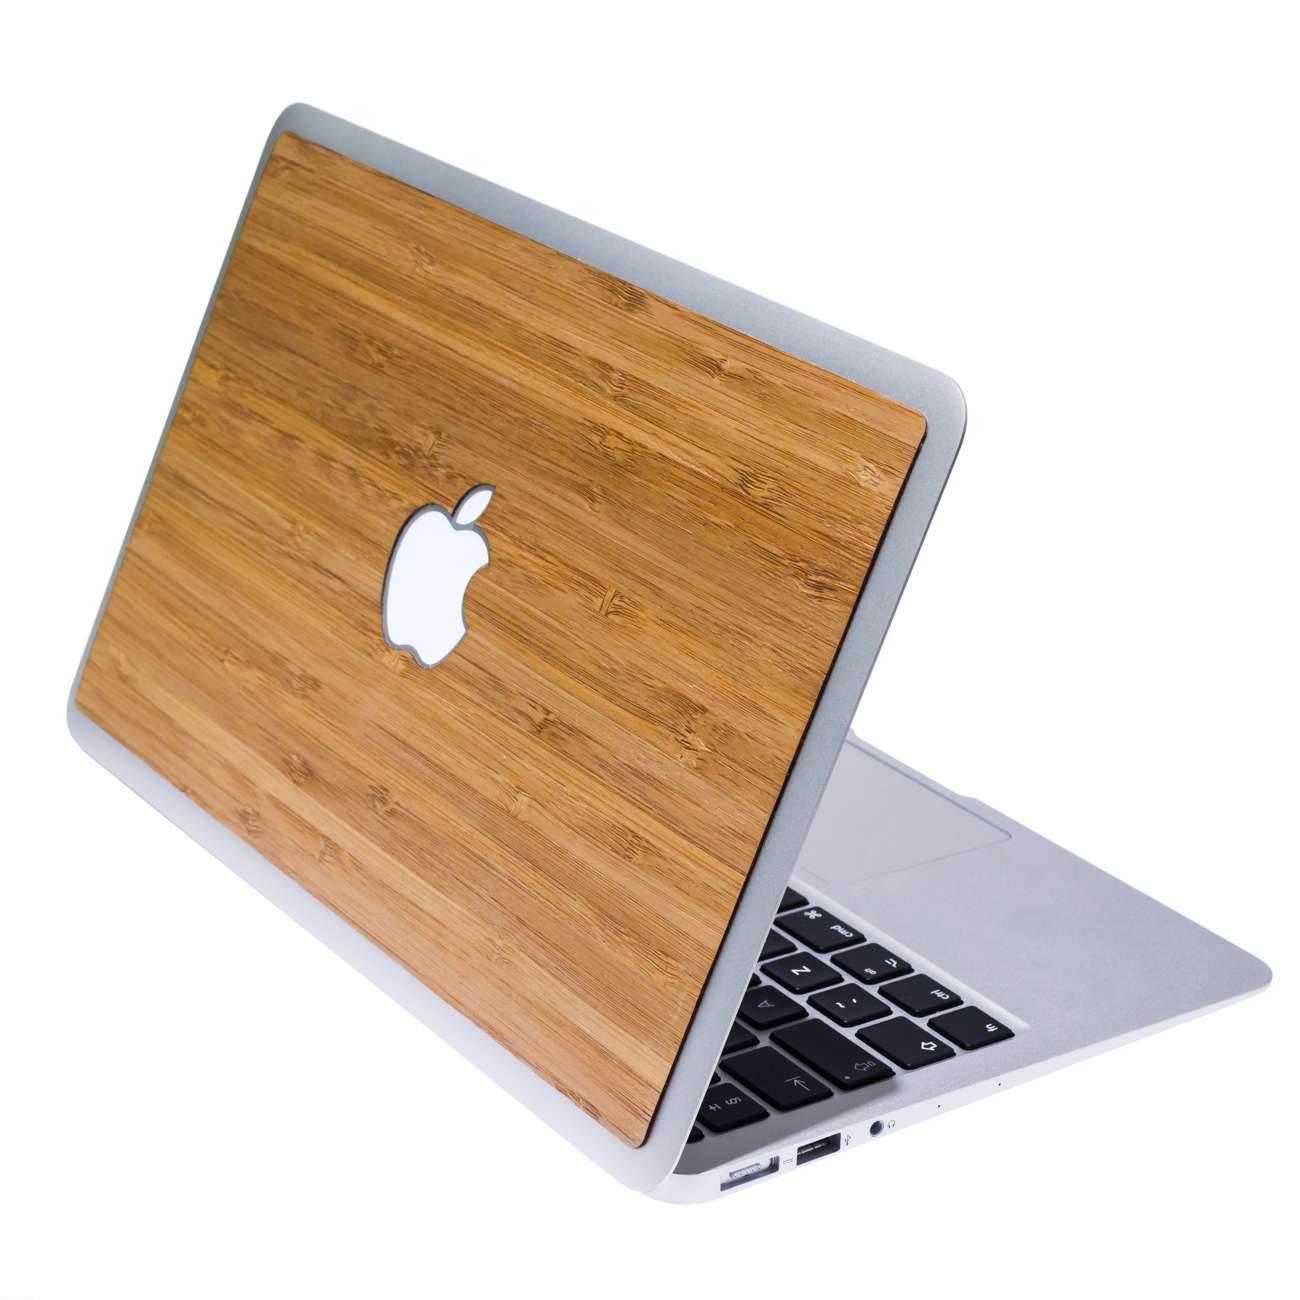 Obudowy i wood skiny Smartwoods - recenzja recenzje, polecane, akcesoria Smartwoods, skiny Smartwoods, Recenzja, obudowy Smartwoods, czy warto kupić Smartwoods  Obecnie na rynku urządzeń mobilnych i nie tylko mamy do dyspozycji wiele różnych etui i nalepek. Jedne z nich chronią nasze urządzenia, z kolei następne pozwalają nam na zmianę wyglądu urządzenia, z którego korzystamy na co dzień.  IMG 0332